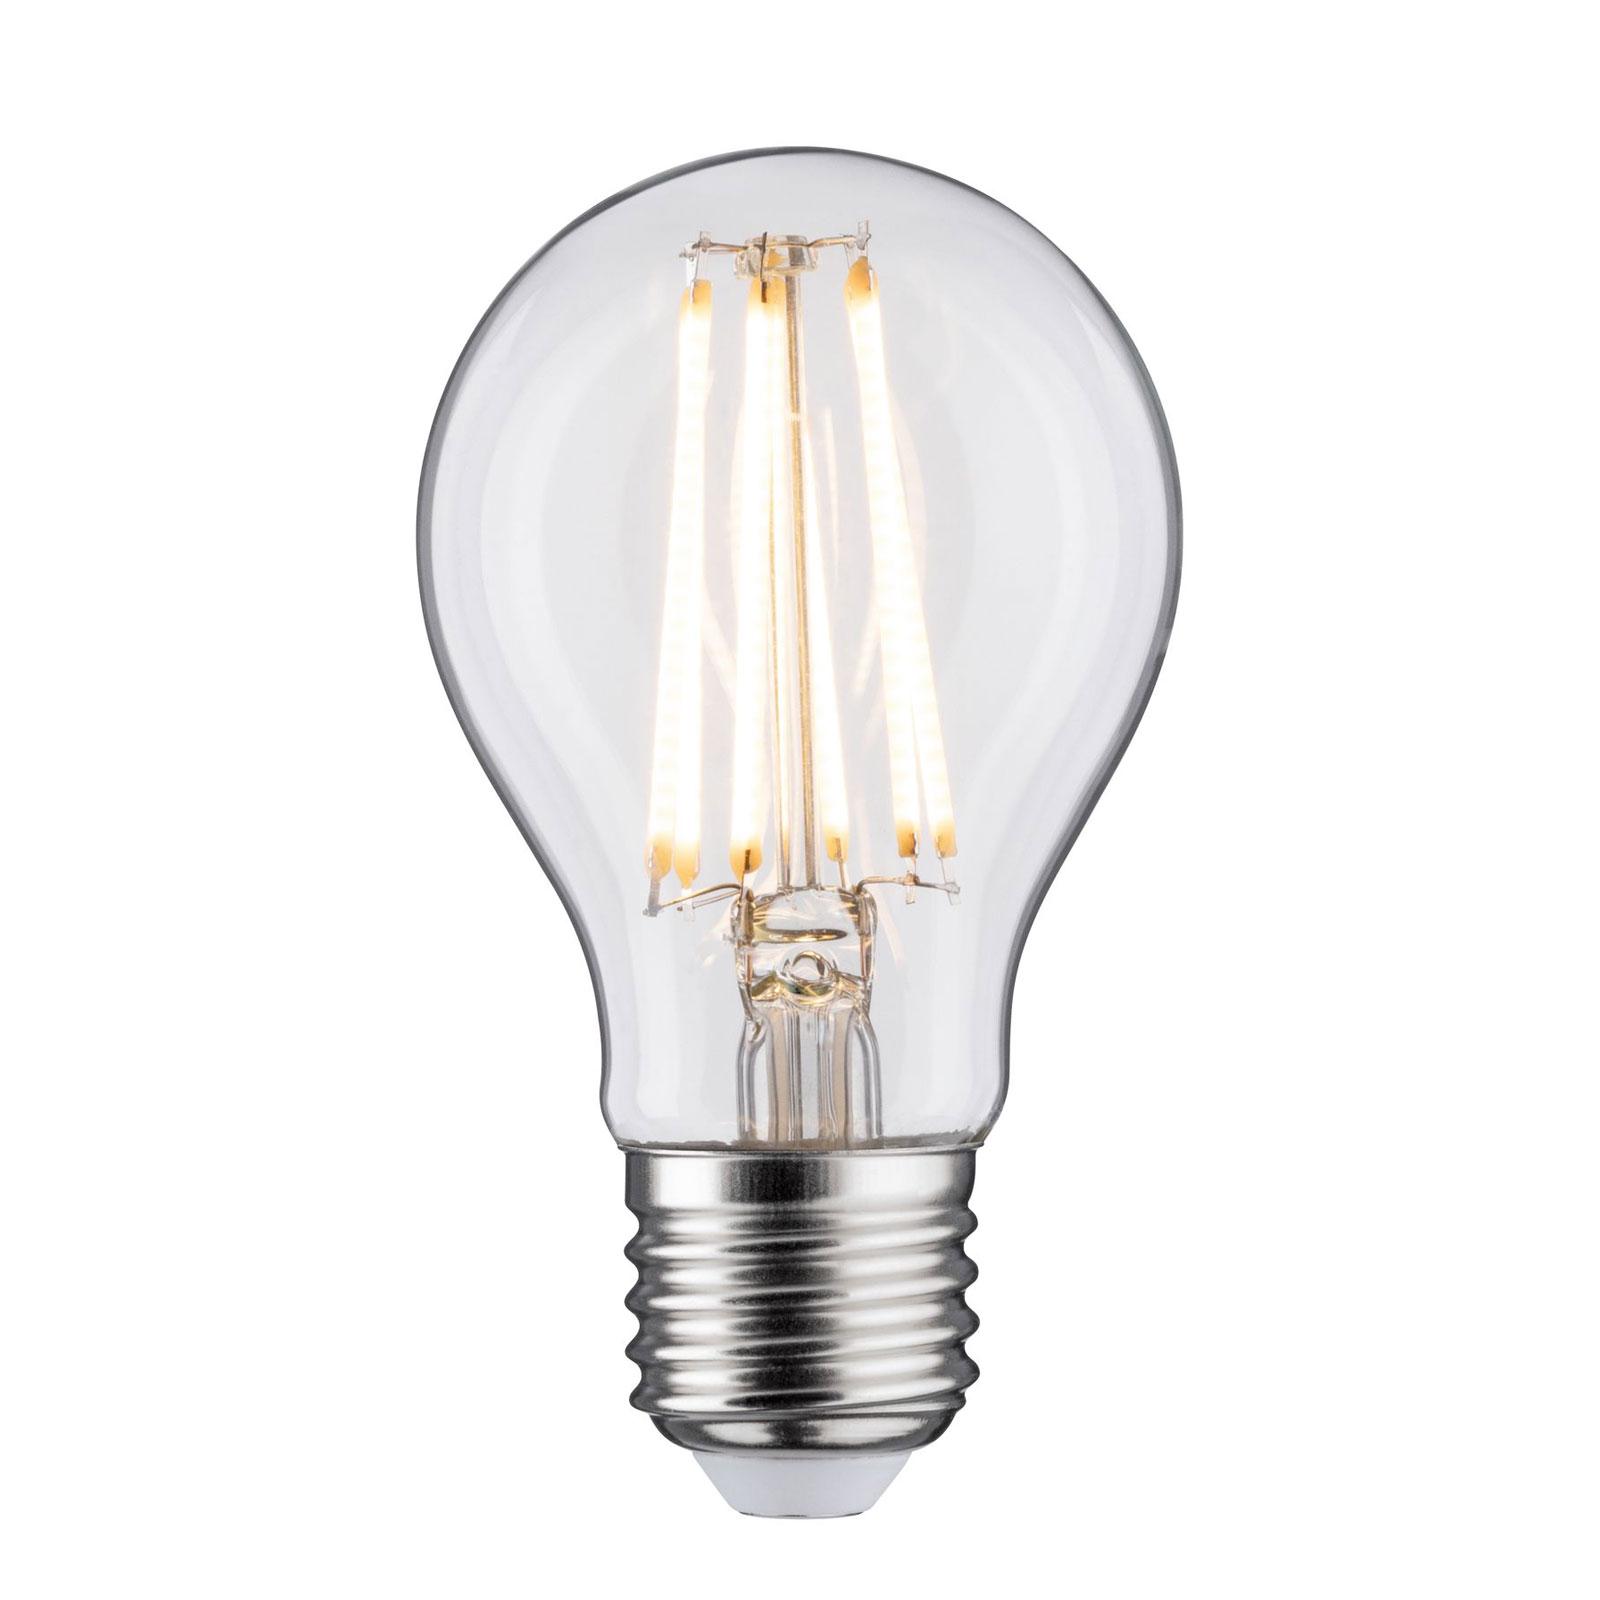 LED žárovka E27 9W Filament 2700K čirá